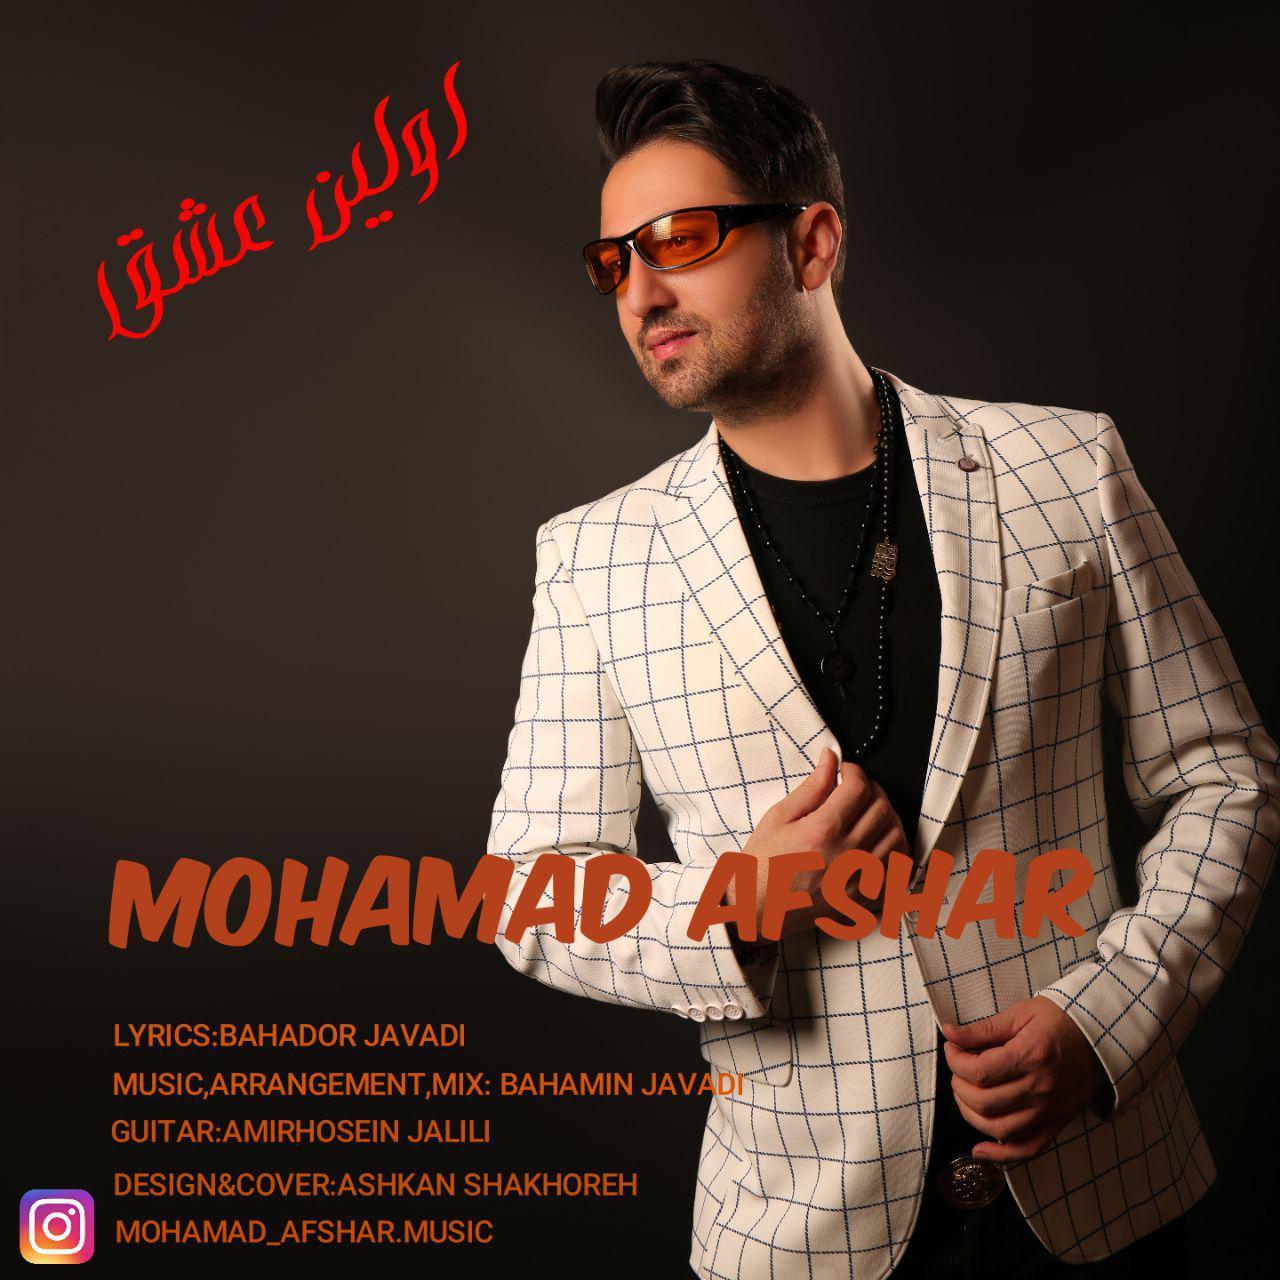 Mohamad Afshar – Avalin Eshgh